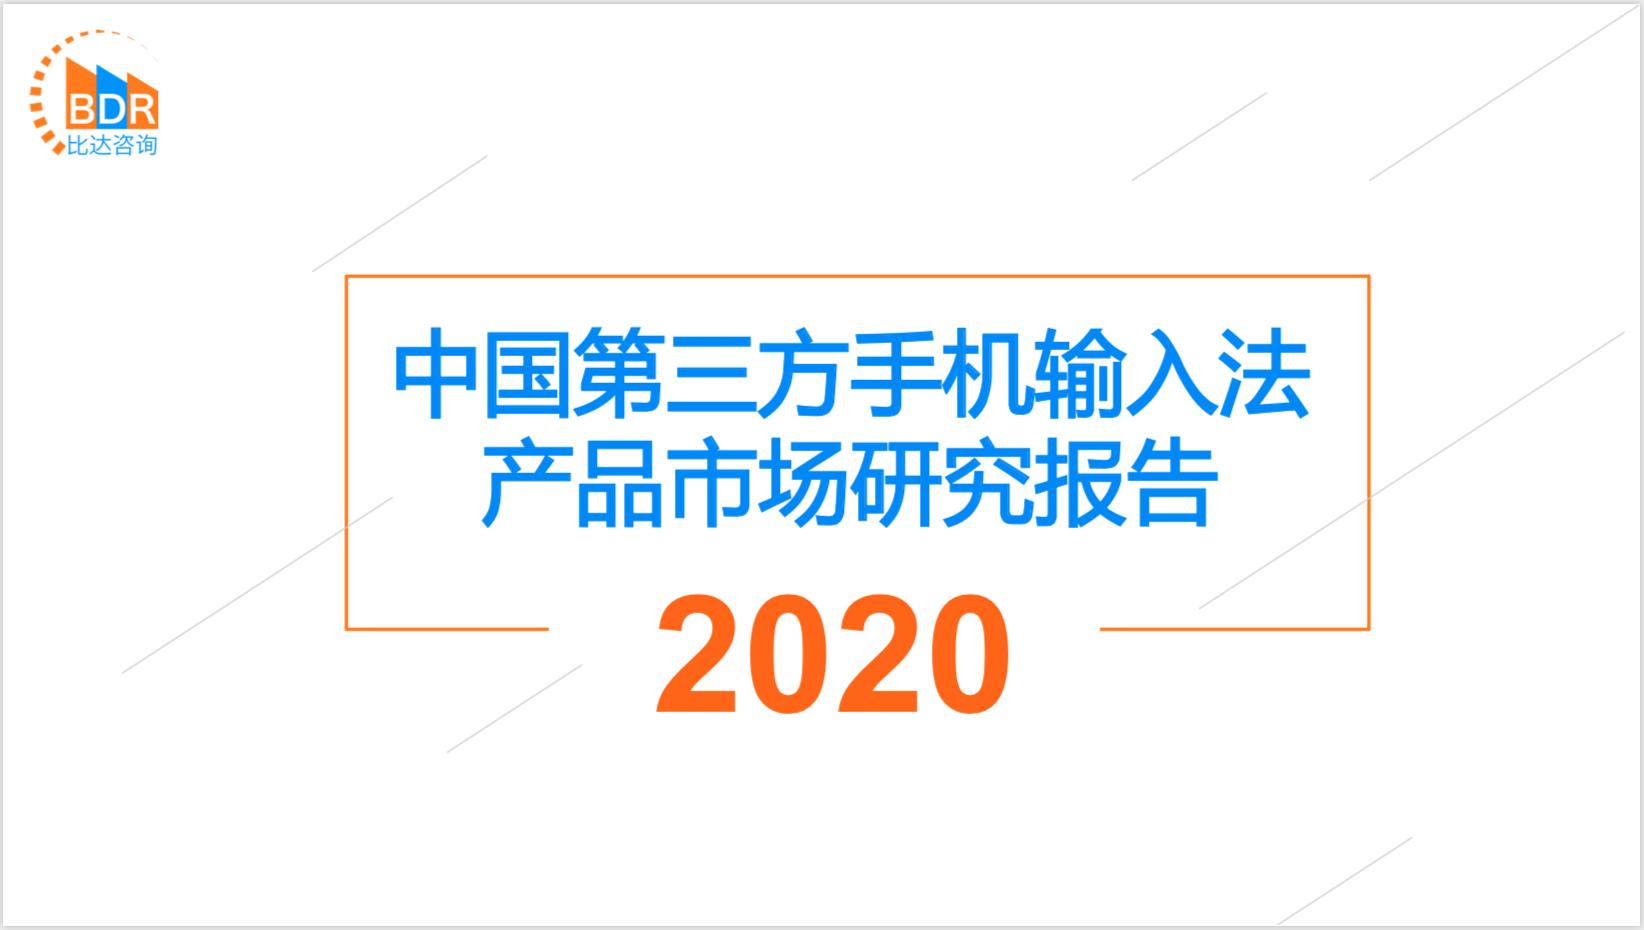 输入法行业报告:中国手机输入法市场三强鼎立,语音输入95后渗透率超78%